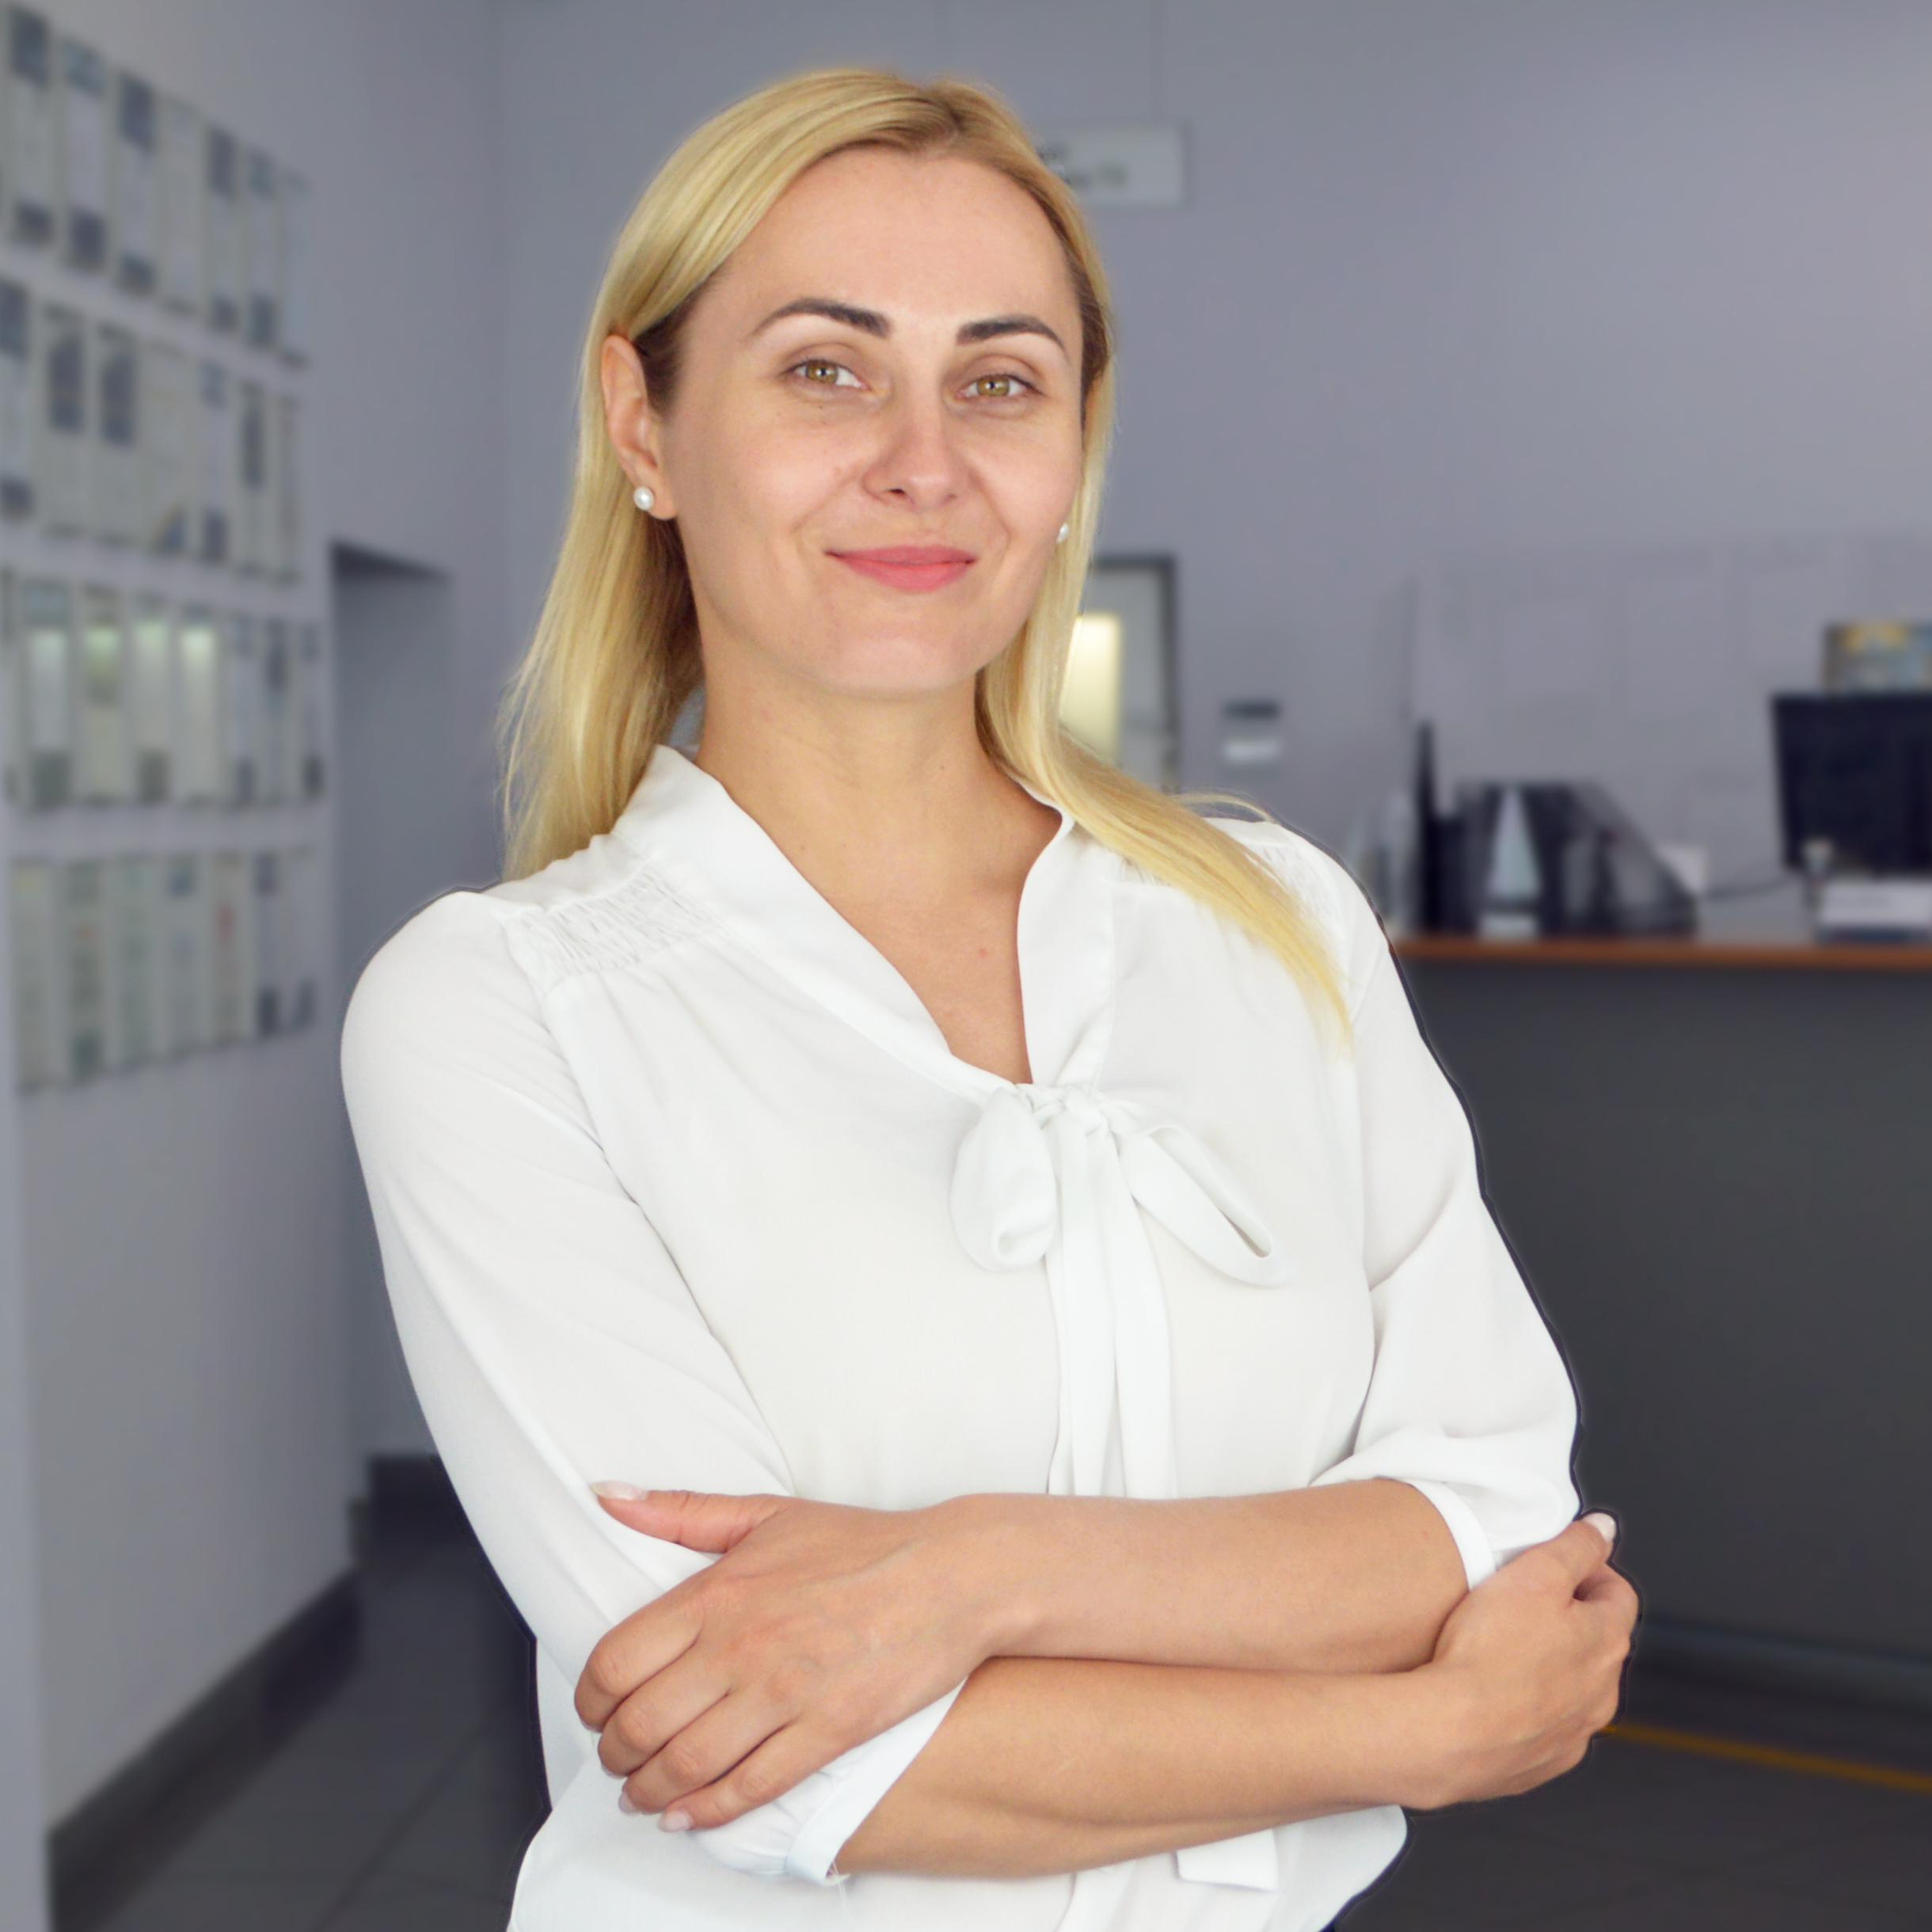 администратор отдела сервиса - Малых Светлана